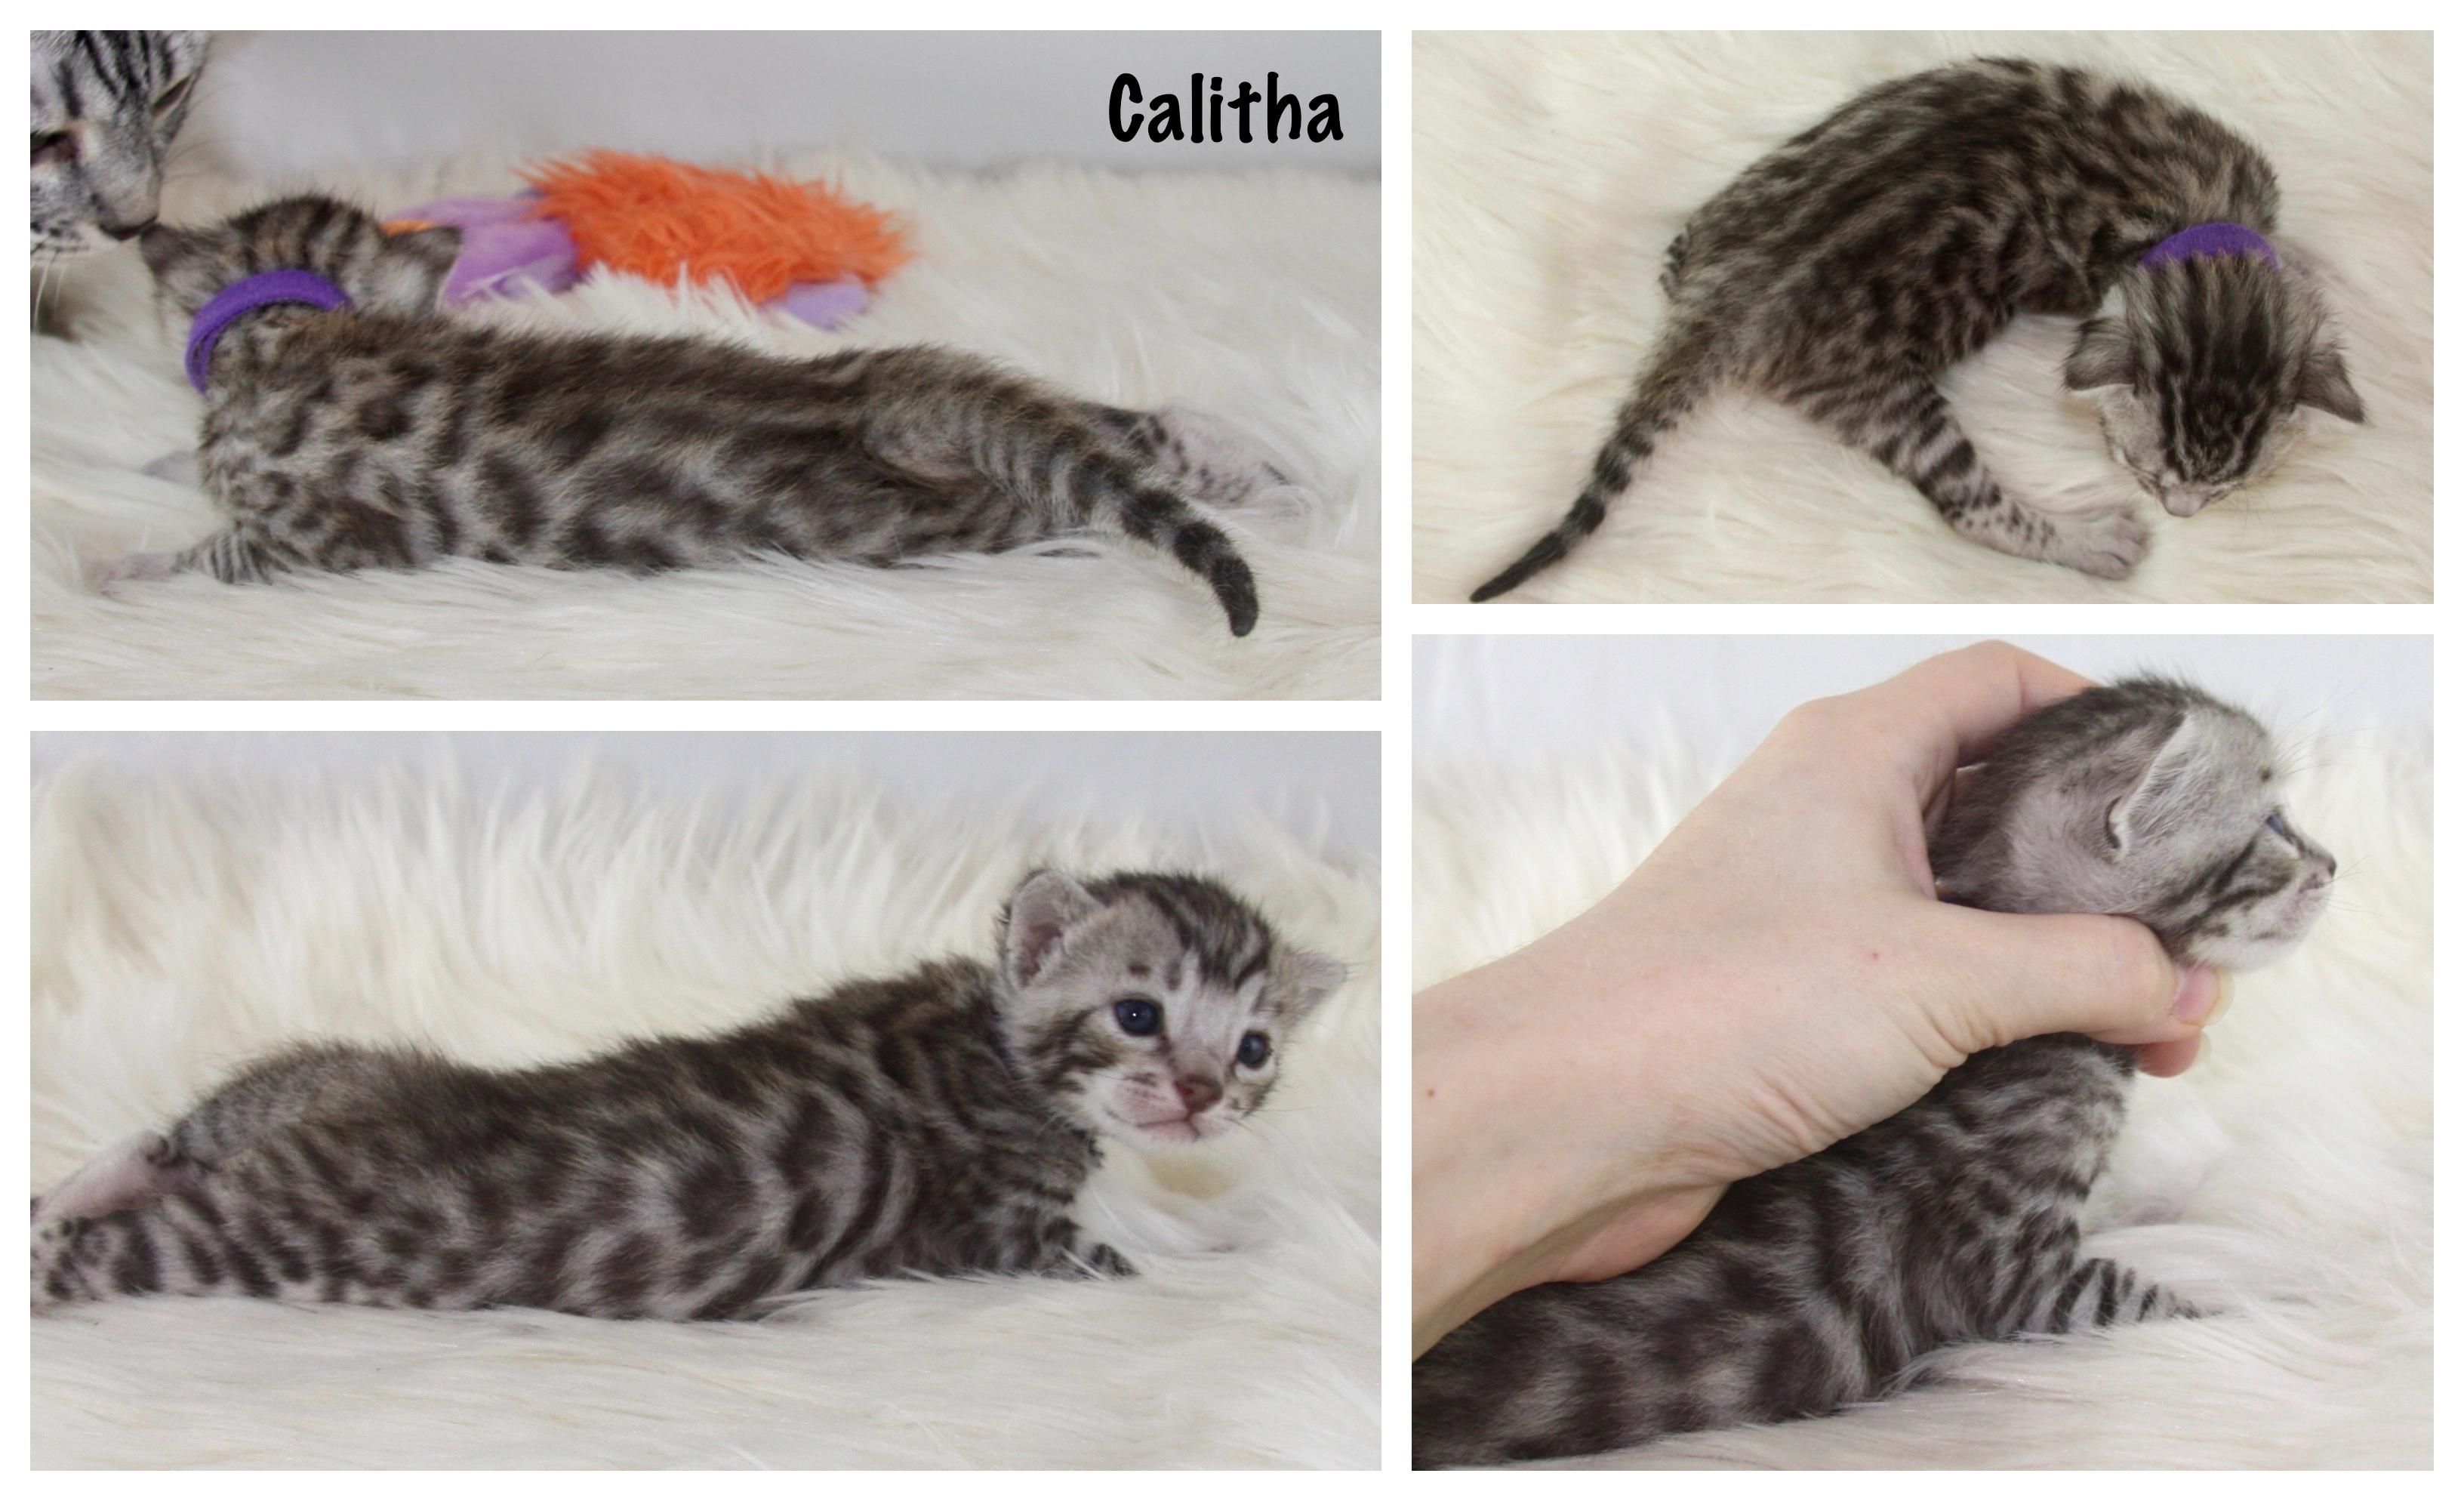 Calitha 3 weeks